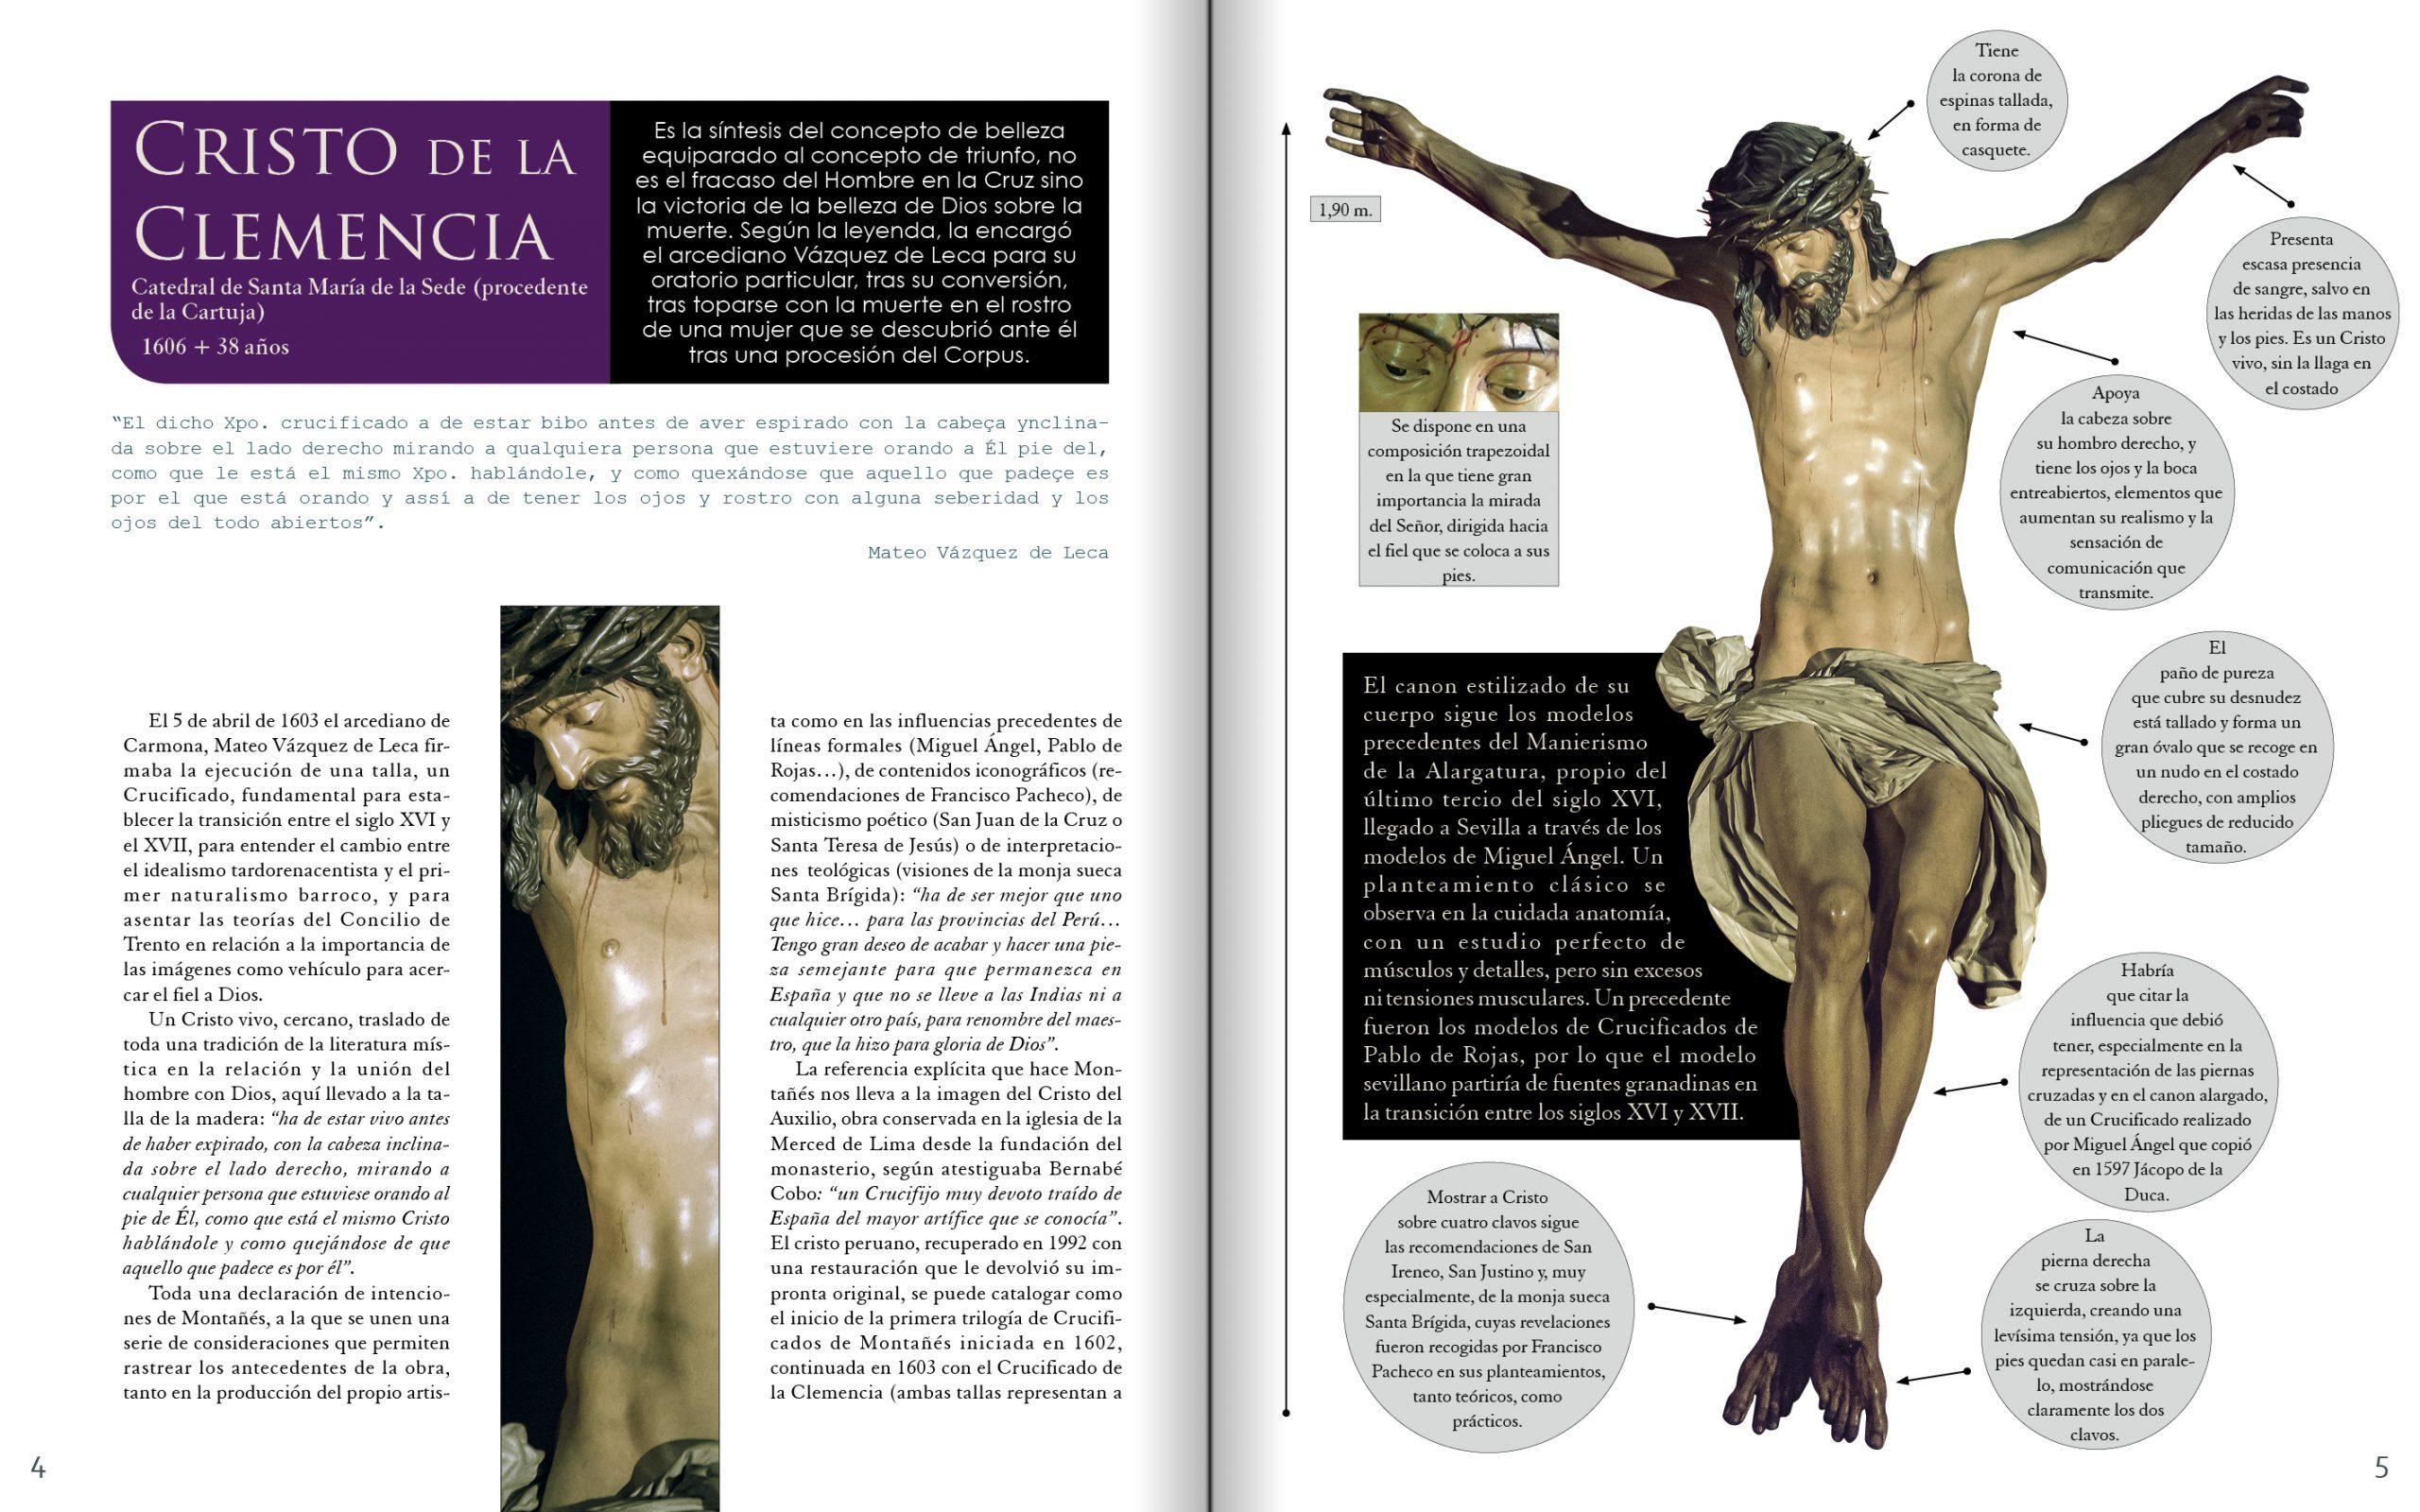 El Cristo de la Clemencia en MONTAÑÉS de Manuel Jesús Roldán y Fran Silva